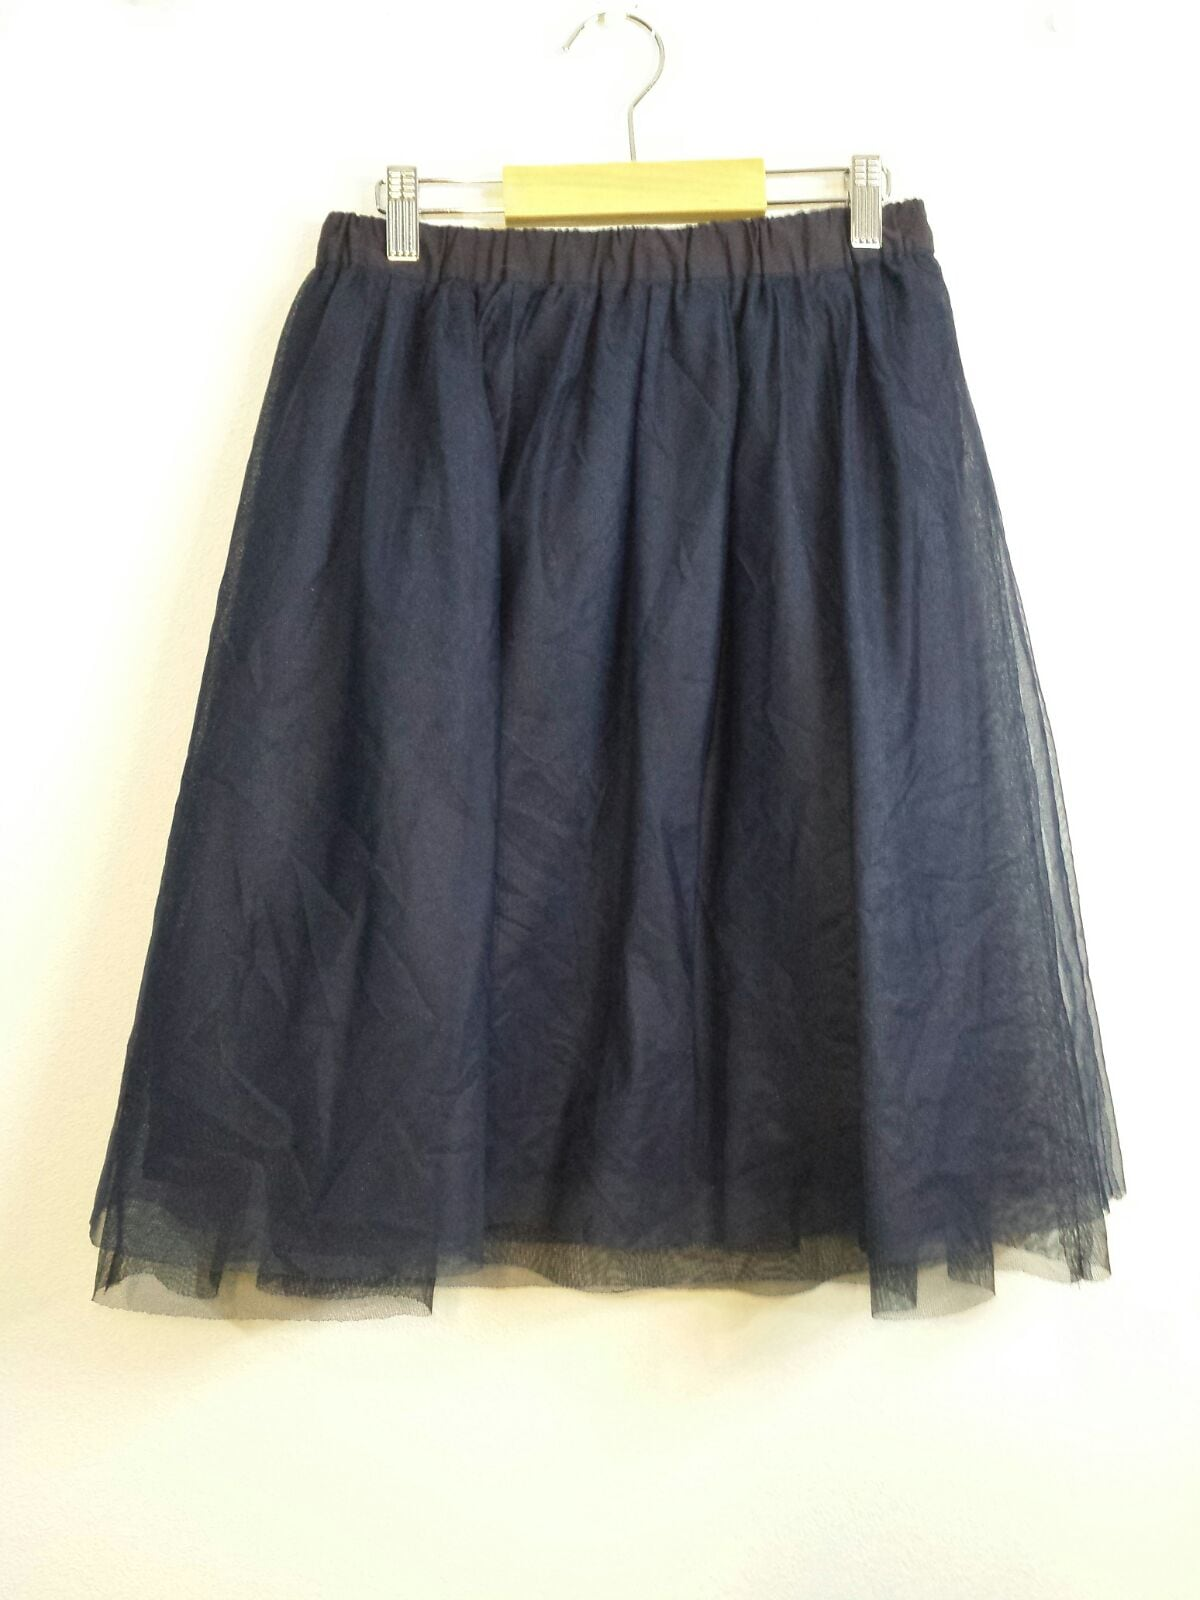 MARECHAL TERRE(マルシャル・テル)のスカート